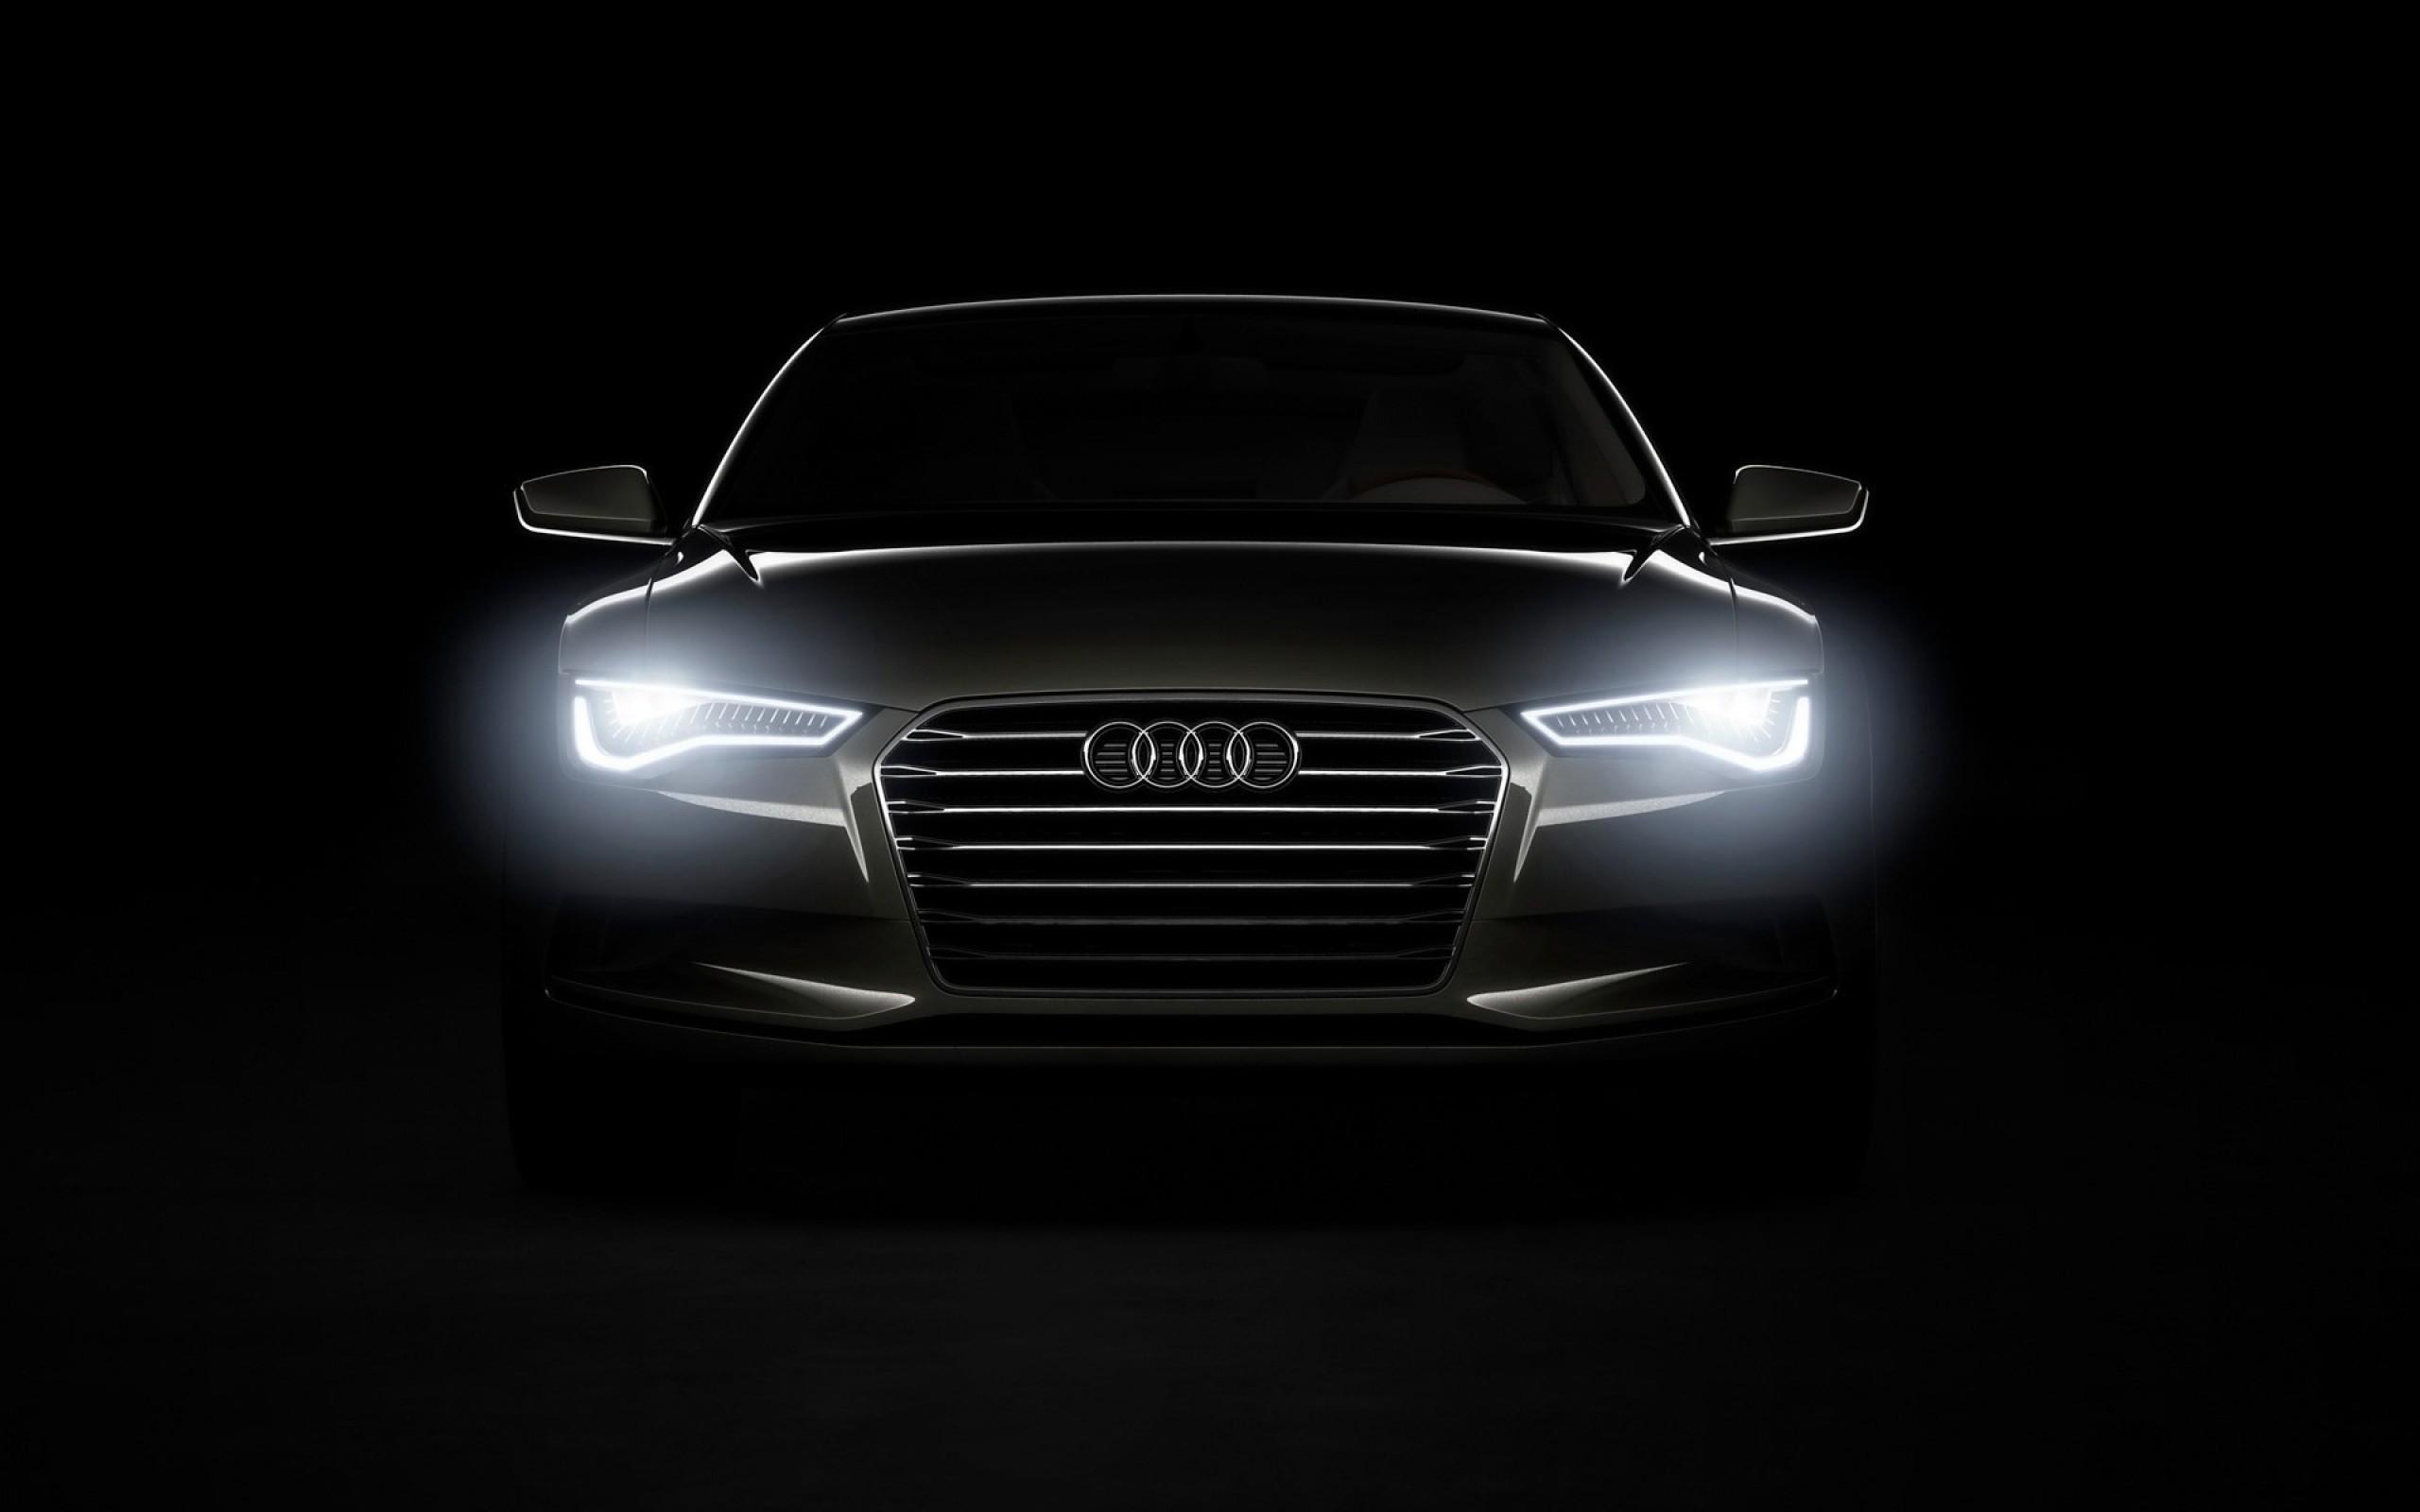 ... Audi Wallpaper · Audi Wallpaper